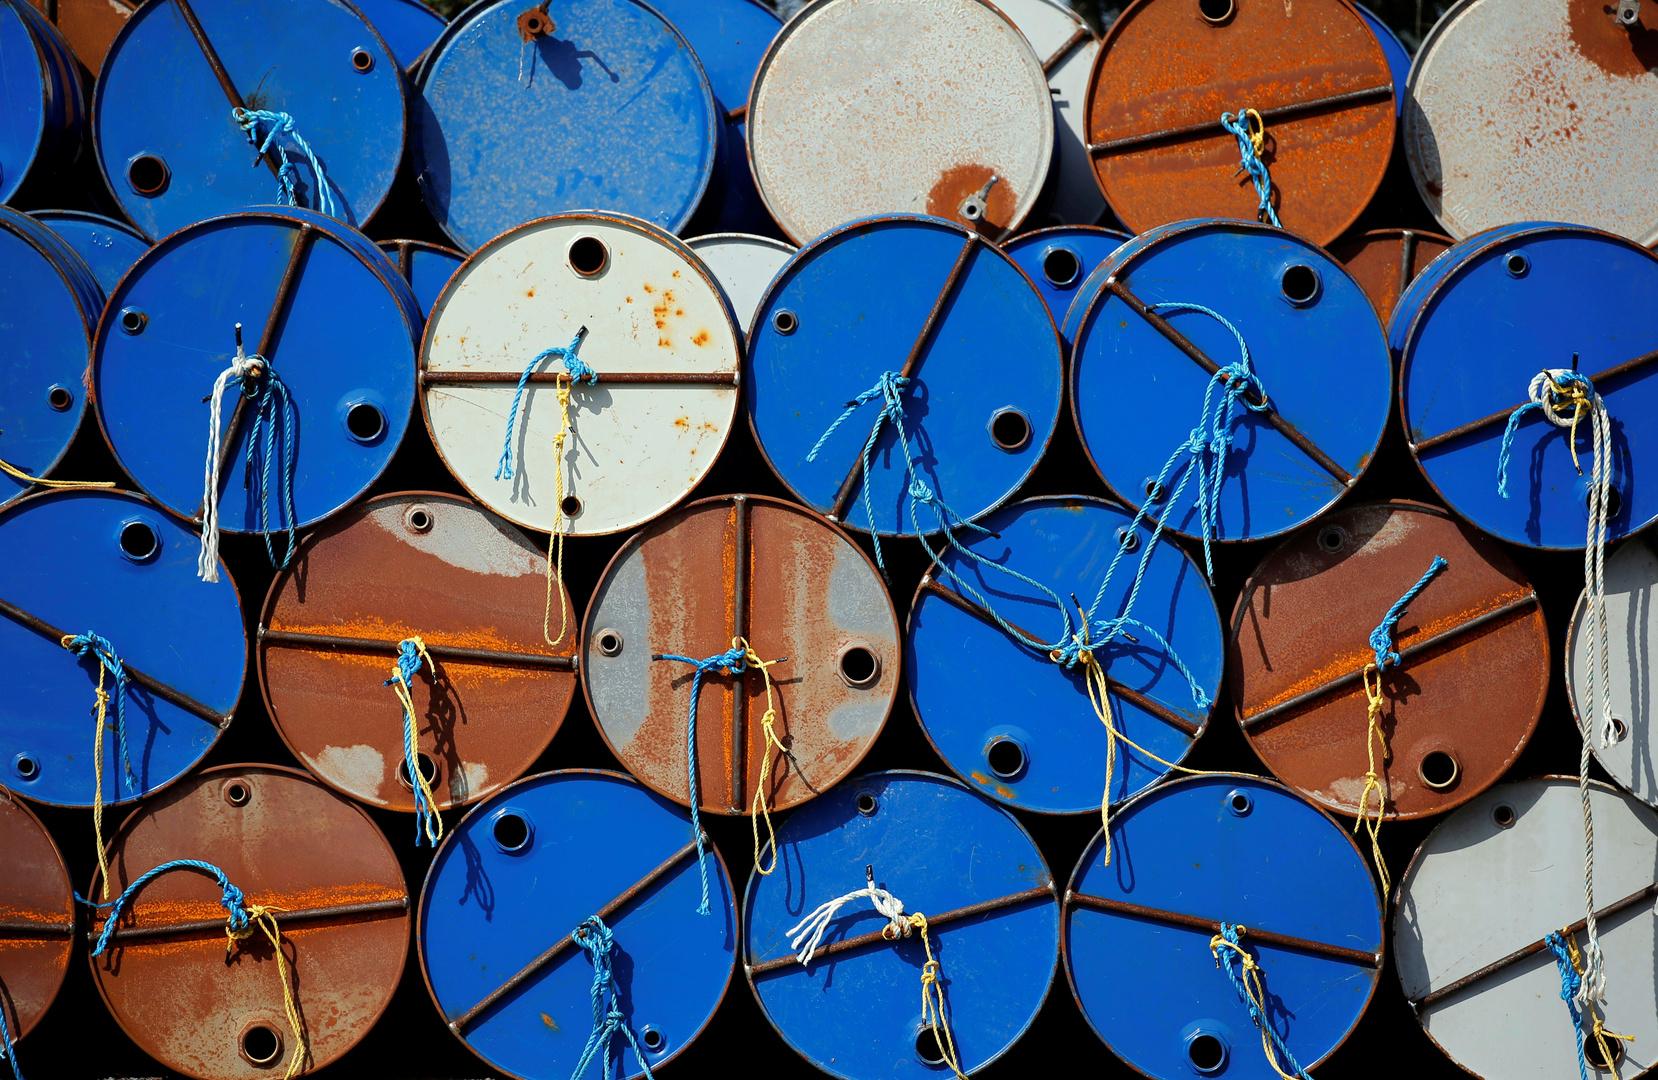 النفط يتراجع مع ارتفاع الإصابات بكورونا في الصين